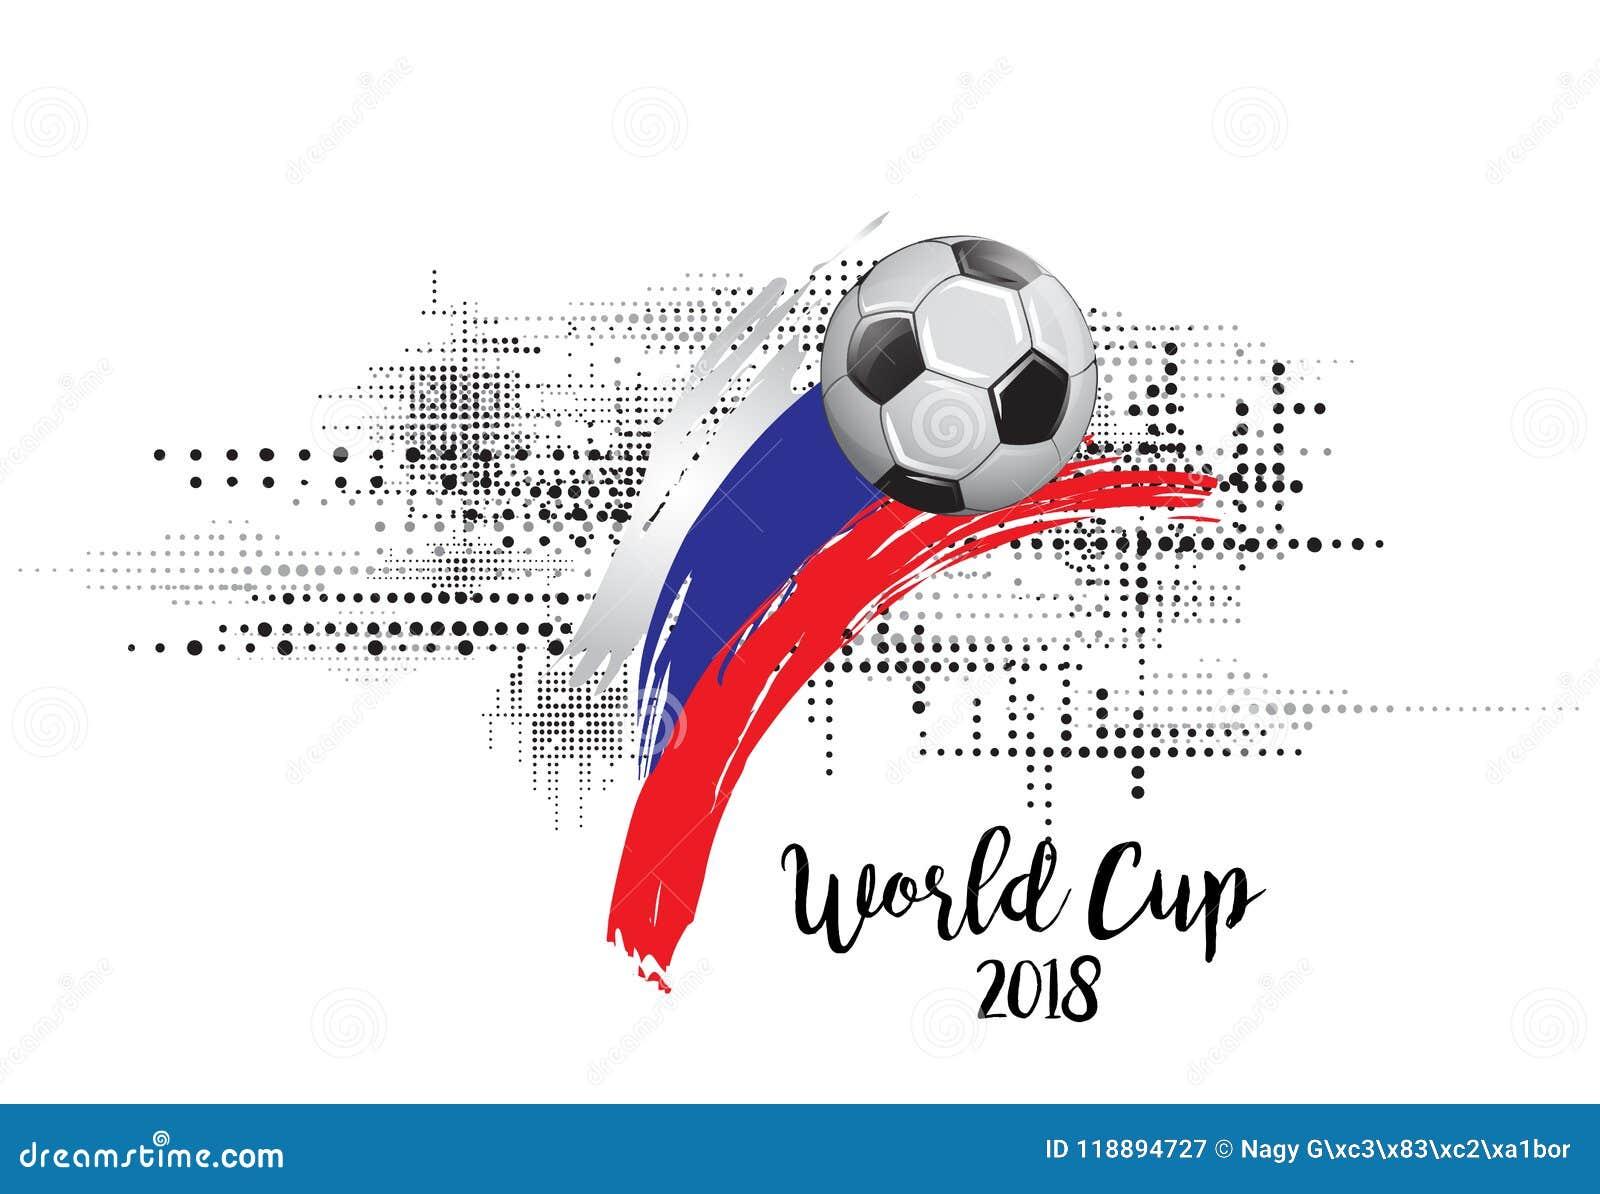 Mundial Rusia 2018 BANDERA DE LA NACIÓN DEL FÚTBOL EJEMPLO DE LA PLANTILLA DEL EQUIPO DE FÚTBOL FONDO PINTADO DEL GRUNGE DEL ARTE